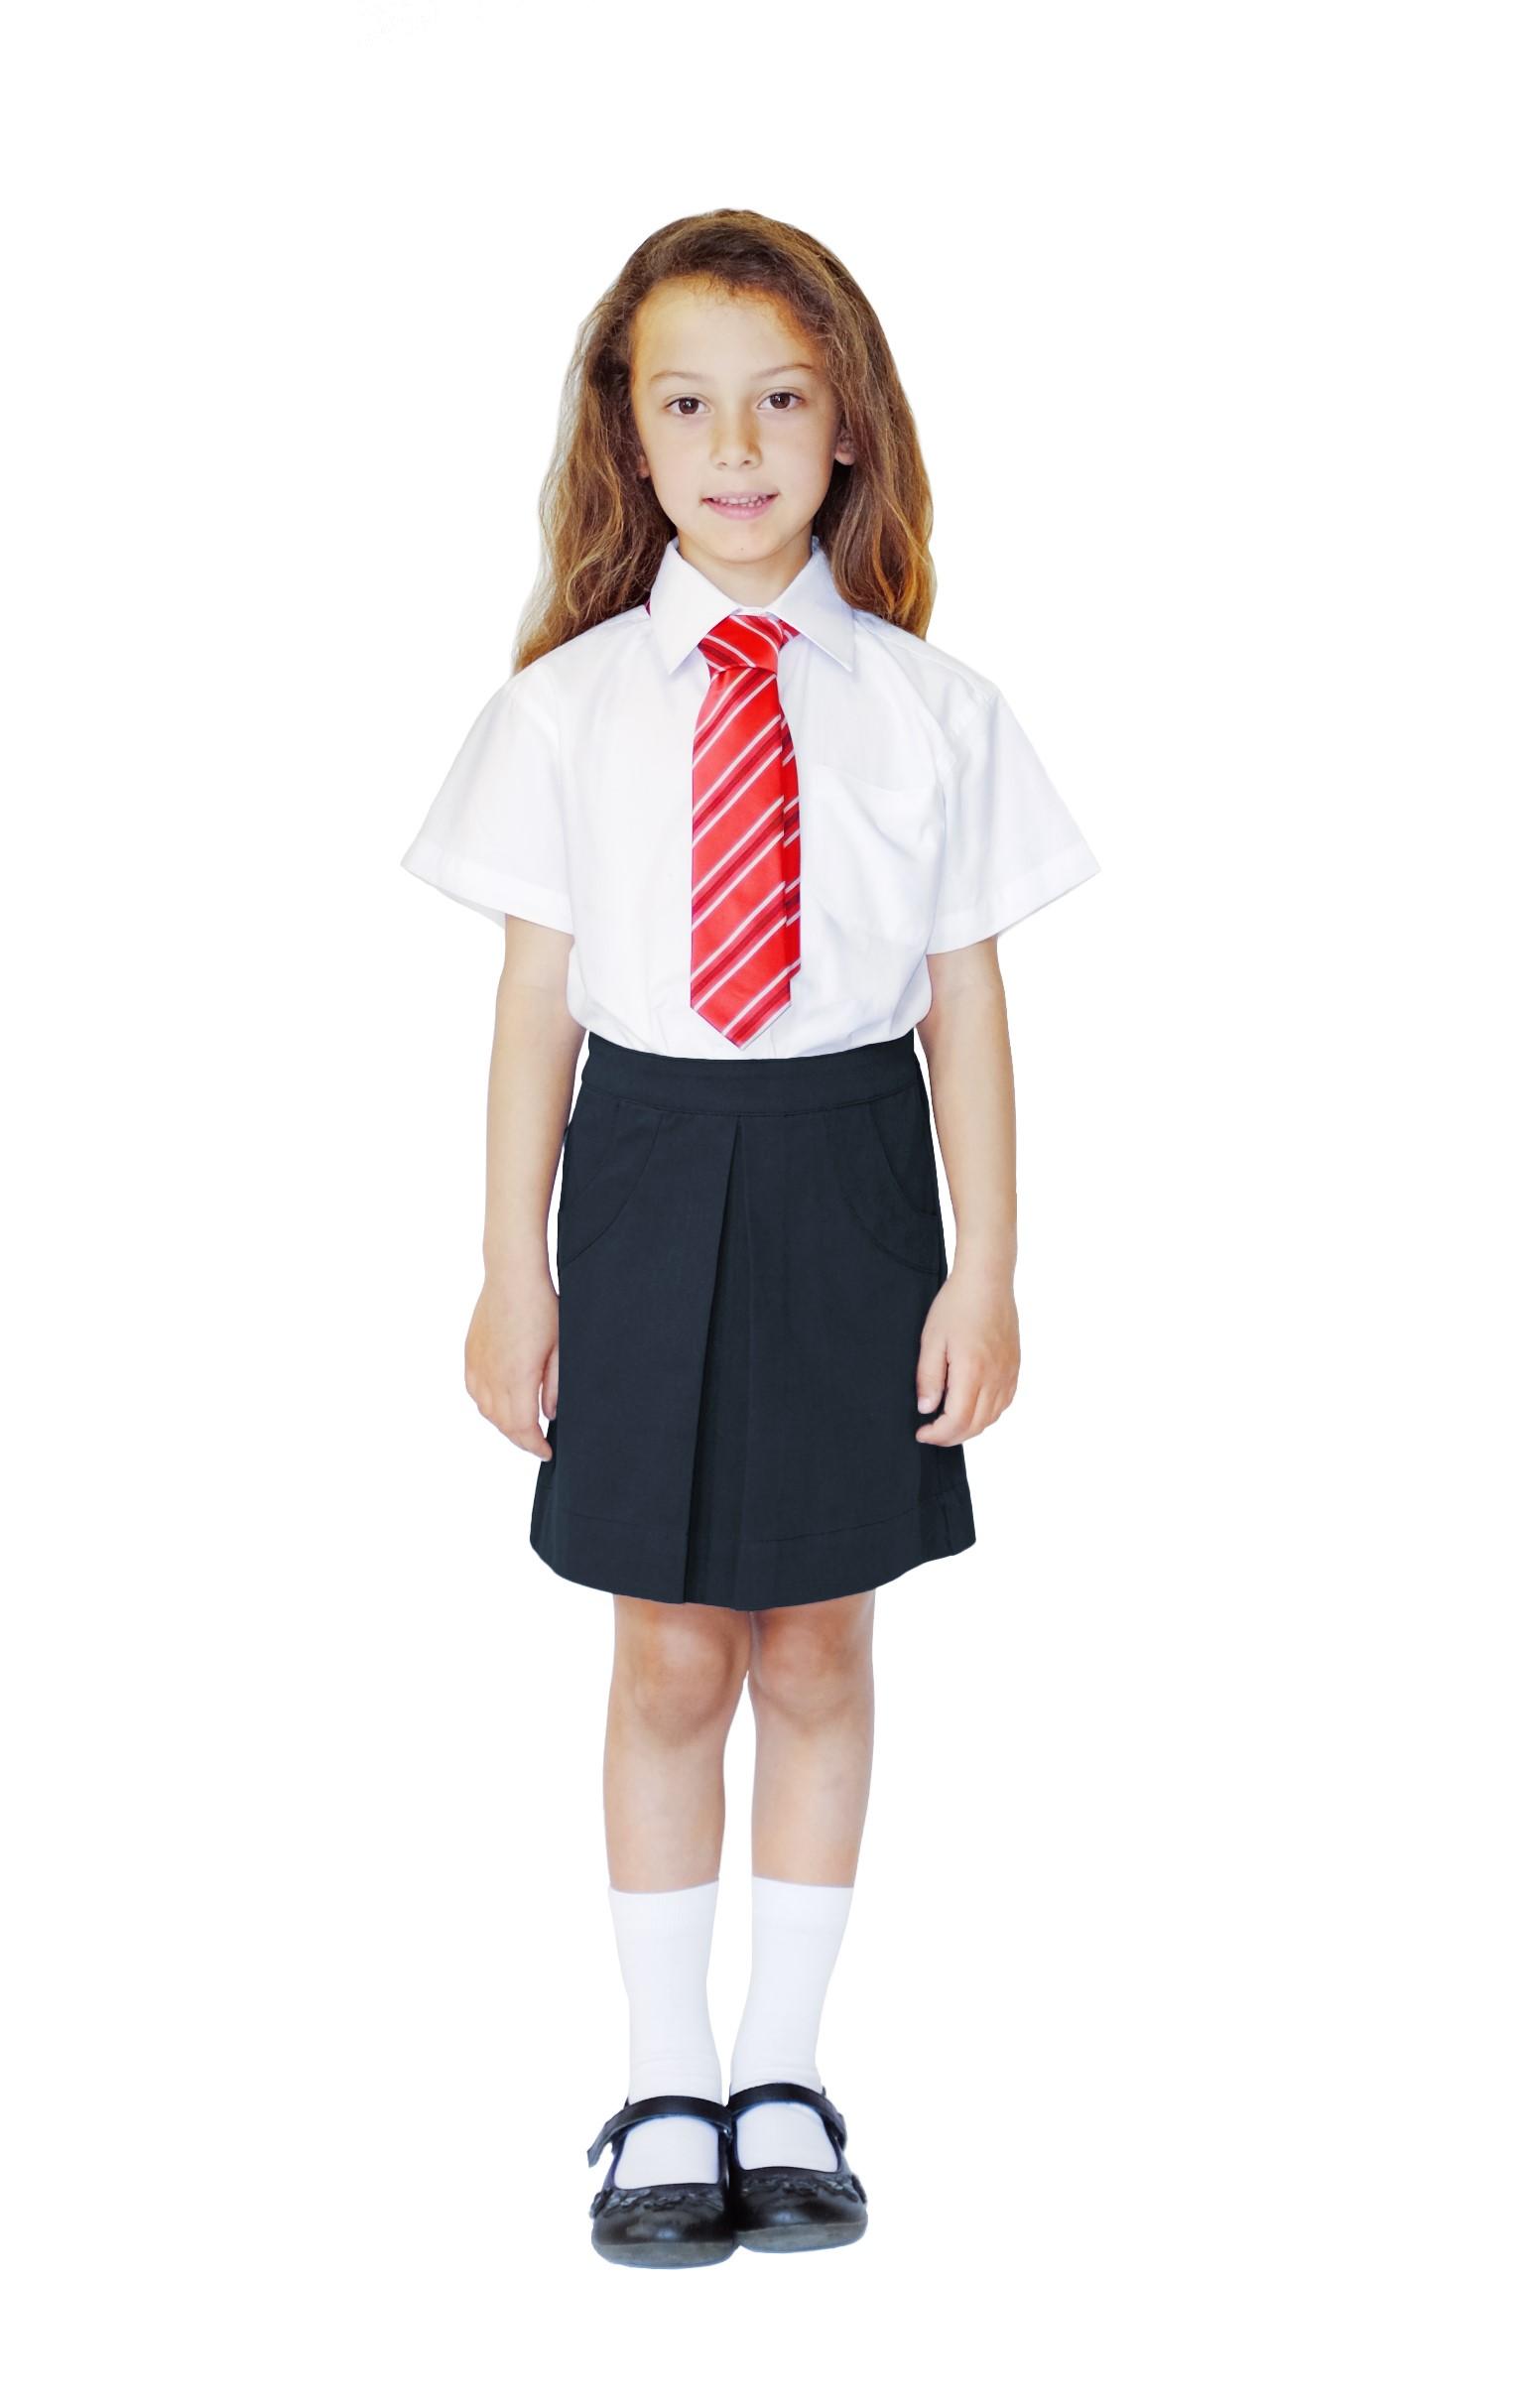 Ethical School Uniform Pure Cotton Black School Skirt